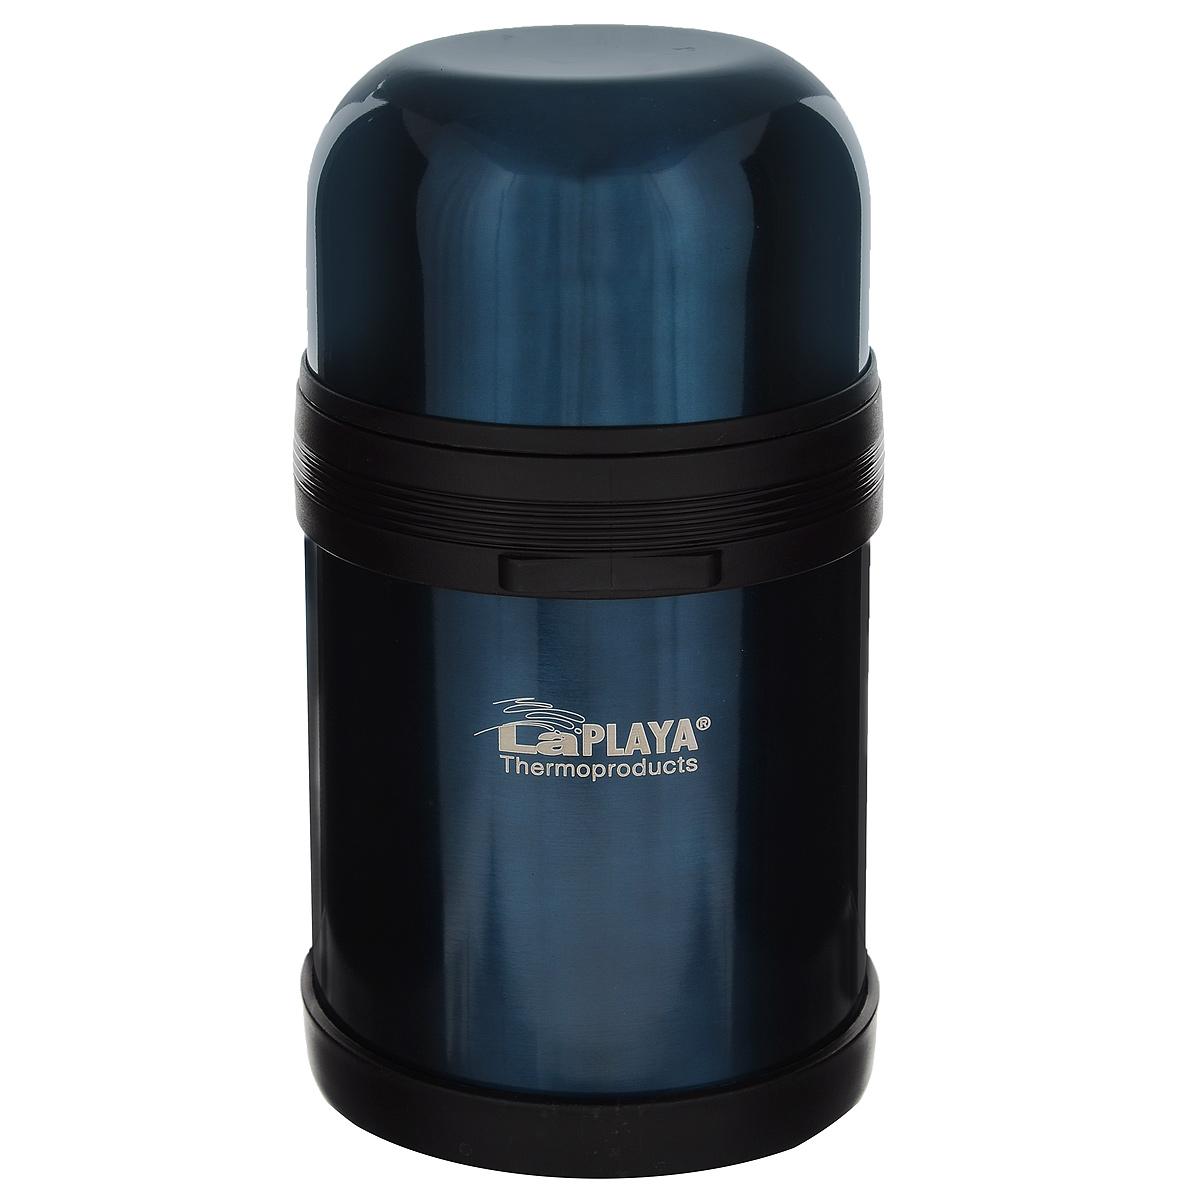 Термос LaPlaya Traditional, цвет: синий, 800 мл560042Термос LaPlaya Traditional оснащен двойными стенками с вакуумной изоляцией, которая позволяет сохранять напитки горячими и холодными длительное время. Легкий небьющийся корпус изготовлен из высококачественной нержавеющей стали. Широкая герметичная комбинированная пробка позволяет использовать термос для первых и вторых блюд при полном открывании и для напитков - при вывинчивании внутренней части. Изделие оснащено дополнительной пластиковой чашкой. Откидная ручка и съемный ремень позволяют удобно переносить термос. Термос LaPlaya Traditional идеален для вторых блюд, супов и напитков. Диаметр горлышка: 7,5 см. Высота термоса: 20 см.